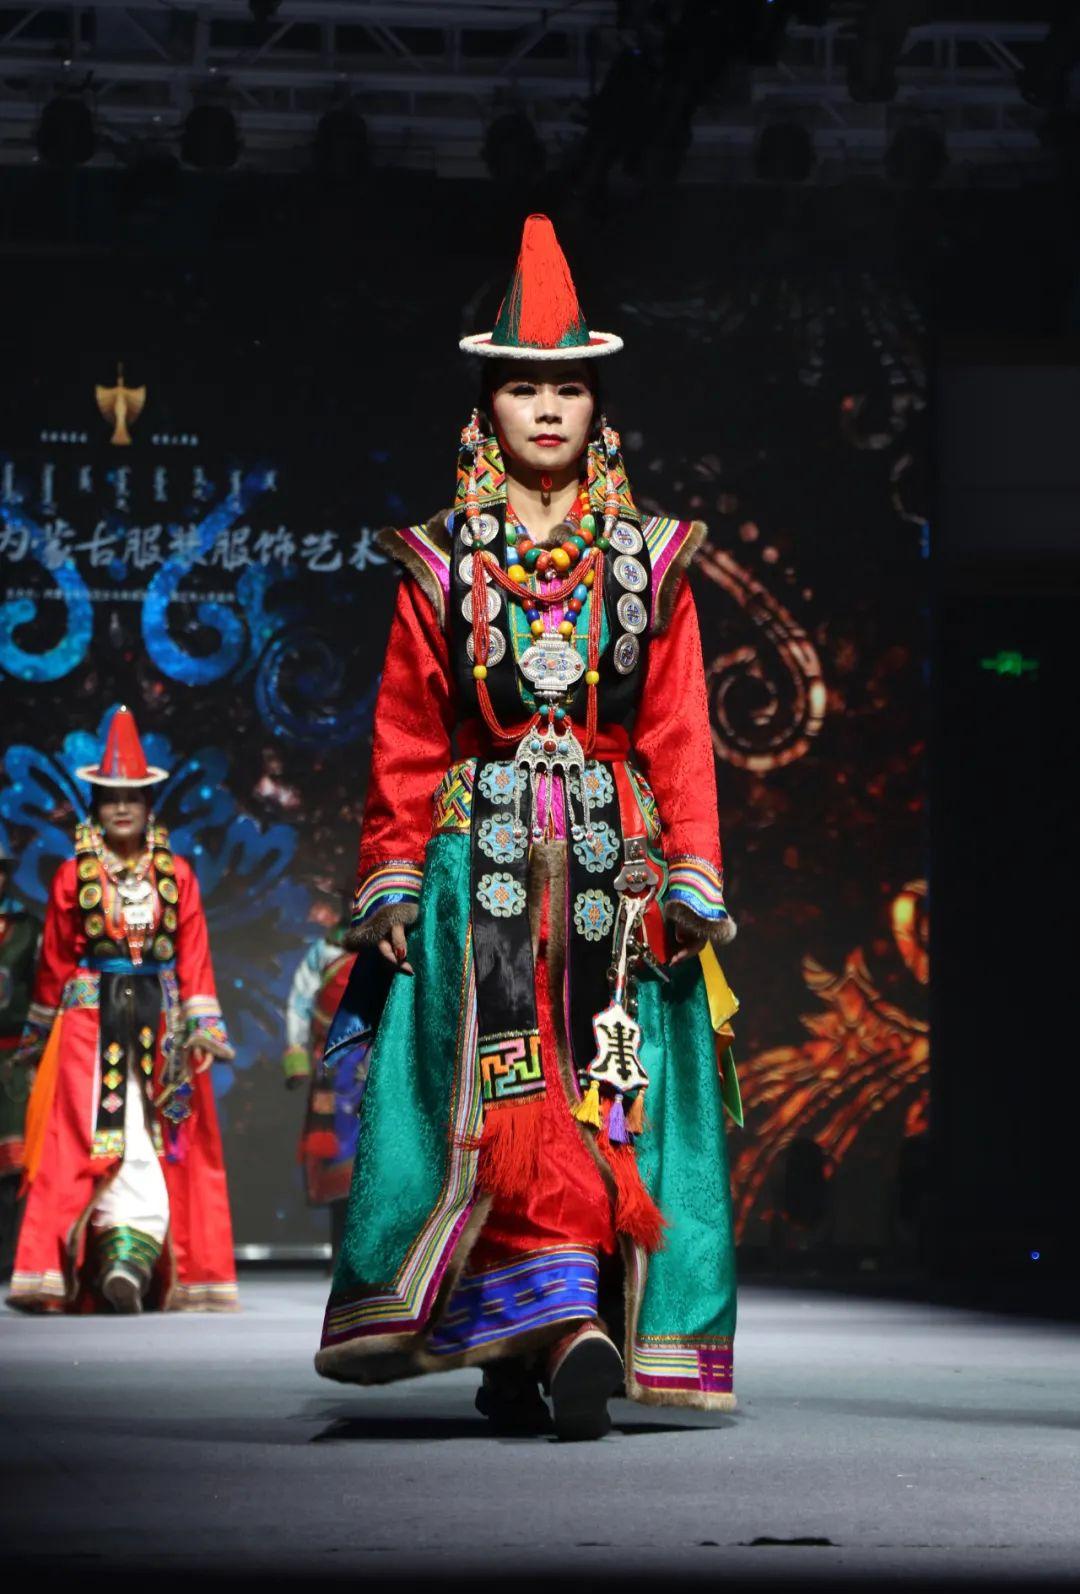 2020蒙古族服装服饰设计大赛 ᠮᠣᠩᠭᠤᠯ ᠦᠨᠳᠦᠰᠦᠲᠡᠨᠦ᠌ ᠬᠤᠪᠴᠠᠰᠤ ᠵᠠᠰᠠᠯᠤ᠋ᠨ ᠤᠷᠤᠯᠳᠤᠭᠠᠨ 第13张 2020蒙古族服装服饰设计大赛 ᠮᠣᠩᠭᠤᠯ ᠦᠨᠳᠦᠰᠦᠲᠡᠨᠦ᠌ ᠬᠤᠪᠴᠠᠰᠤ ᠵᠠᠰᠠᠯᠤ᠋ᠨ ᠤᠷᠤᠯᠳᠤᠭᠠᠨ 蒙古服饰